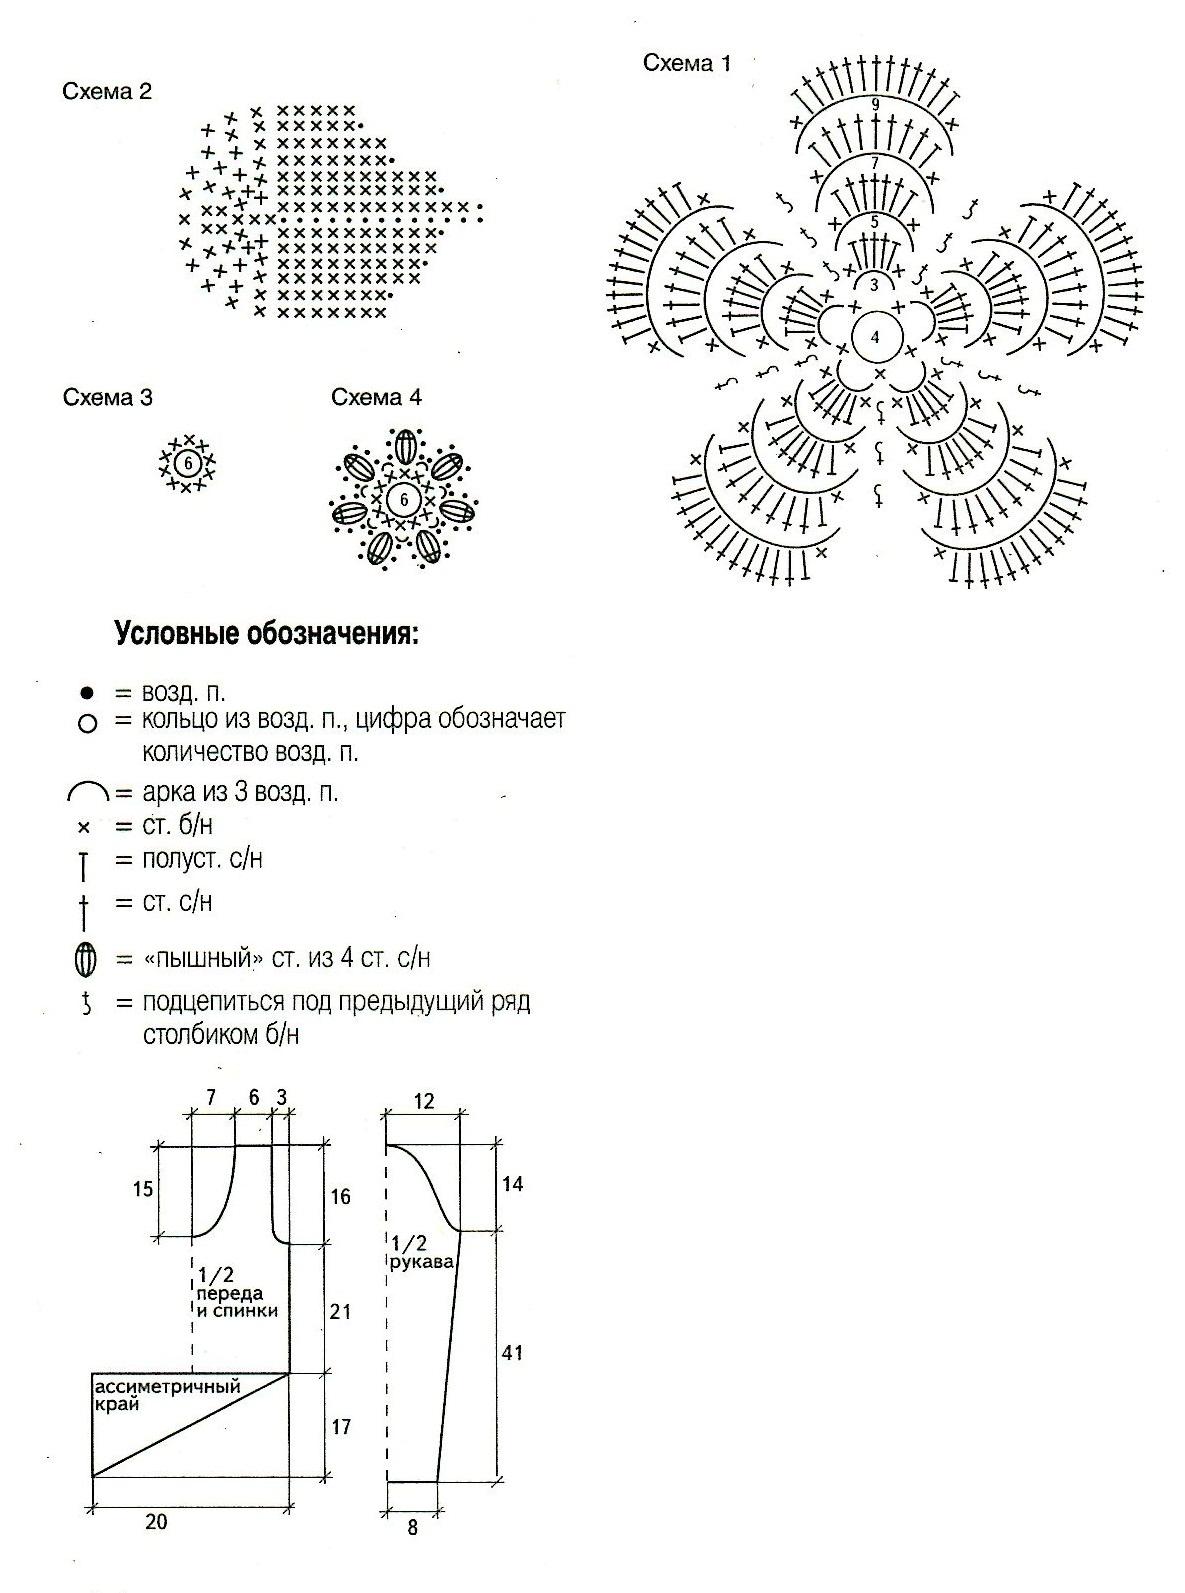 Пуловер из ирланского кружева вязаный крючком схема 1